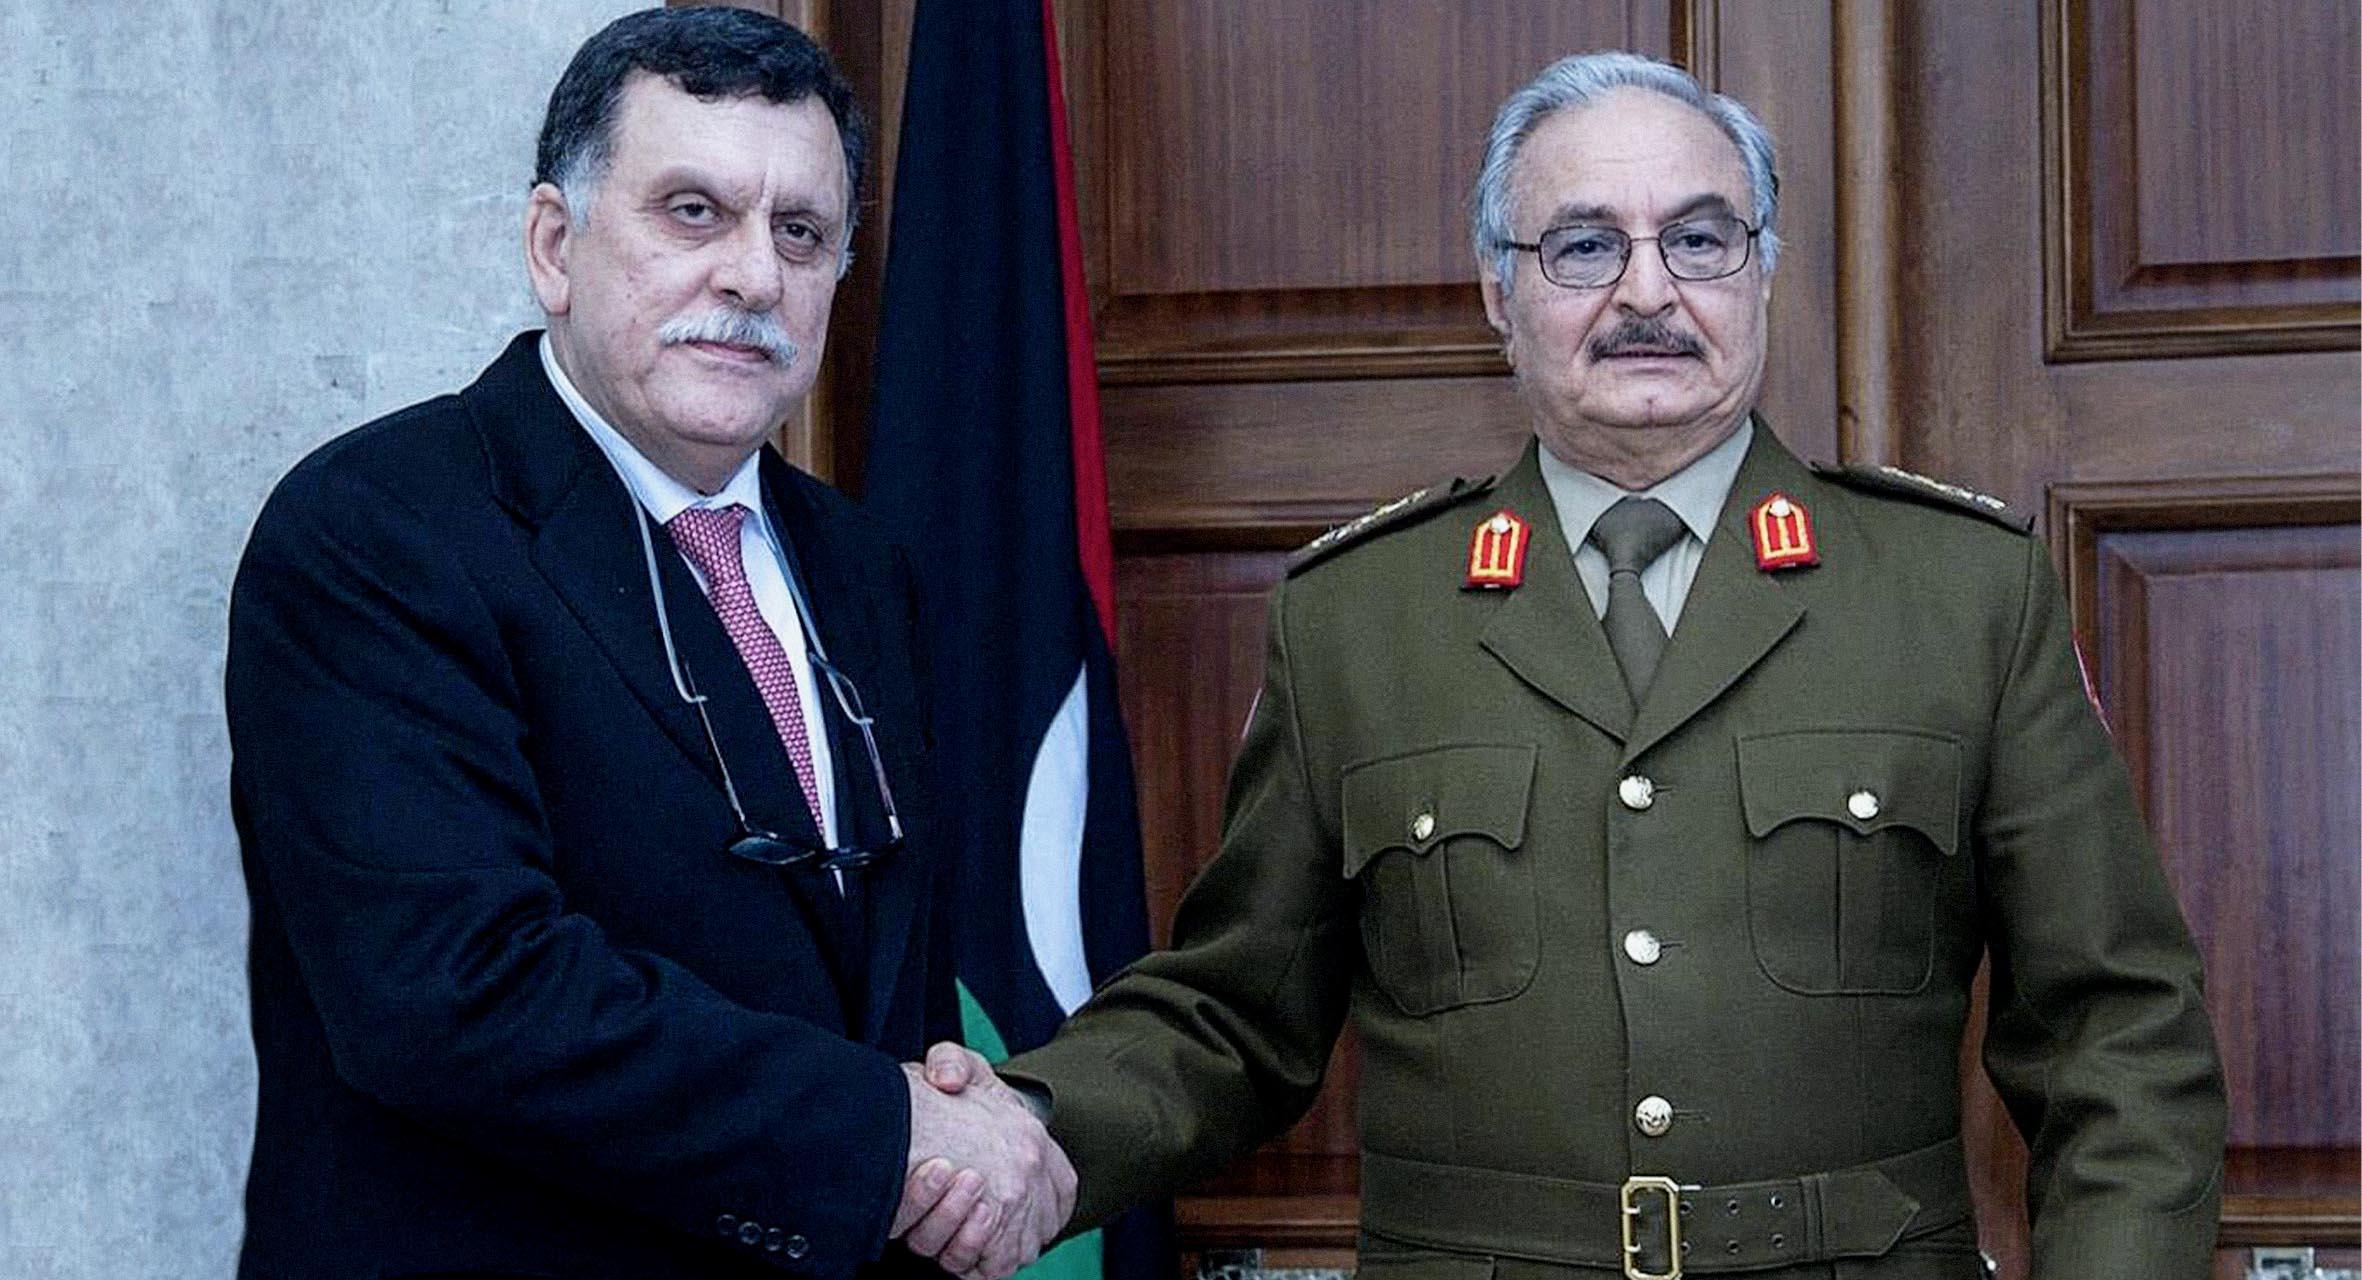 صورة السرّاج وحفتر يتوصلان لاتفاق لم يُفصحا عنه للشعب الليبي لكونه شأناً داخلياً لا يخصه